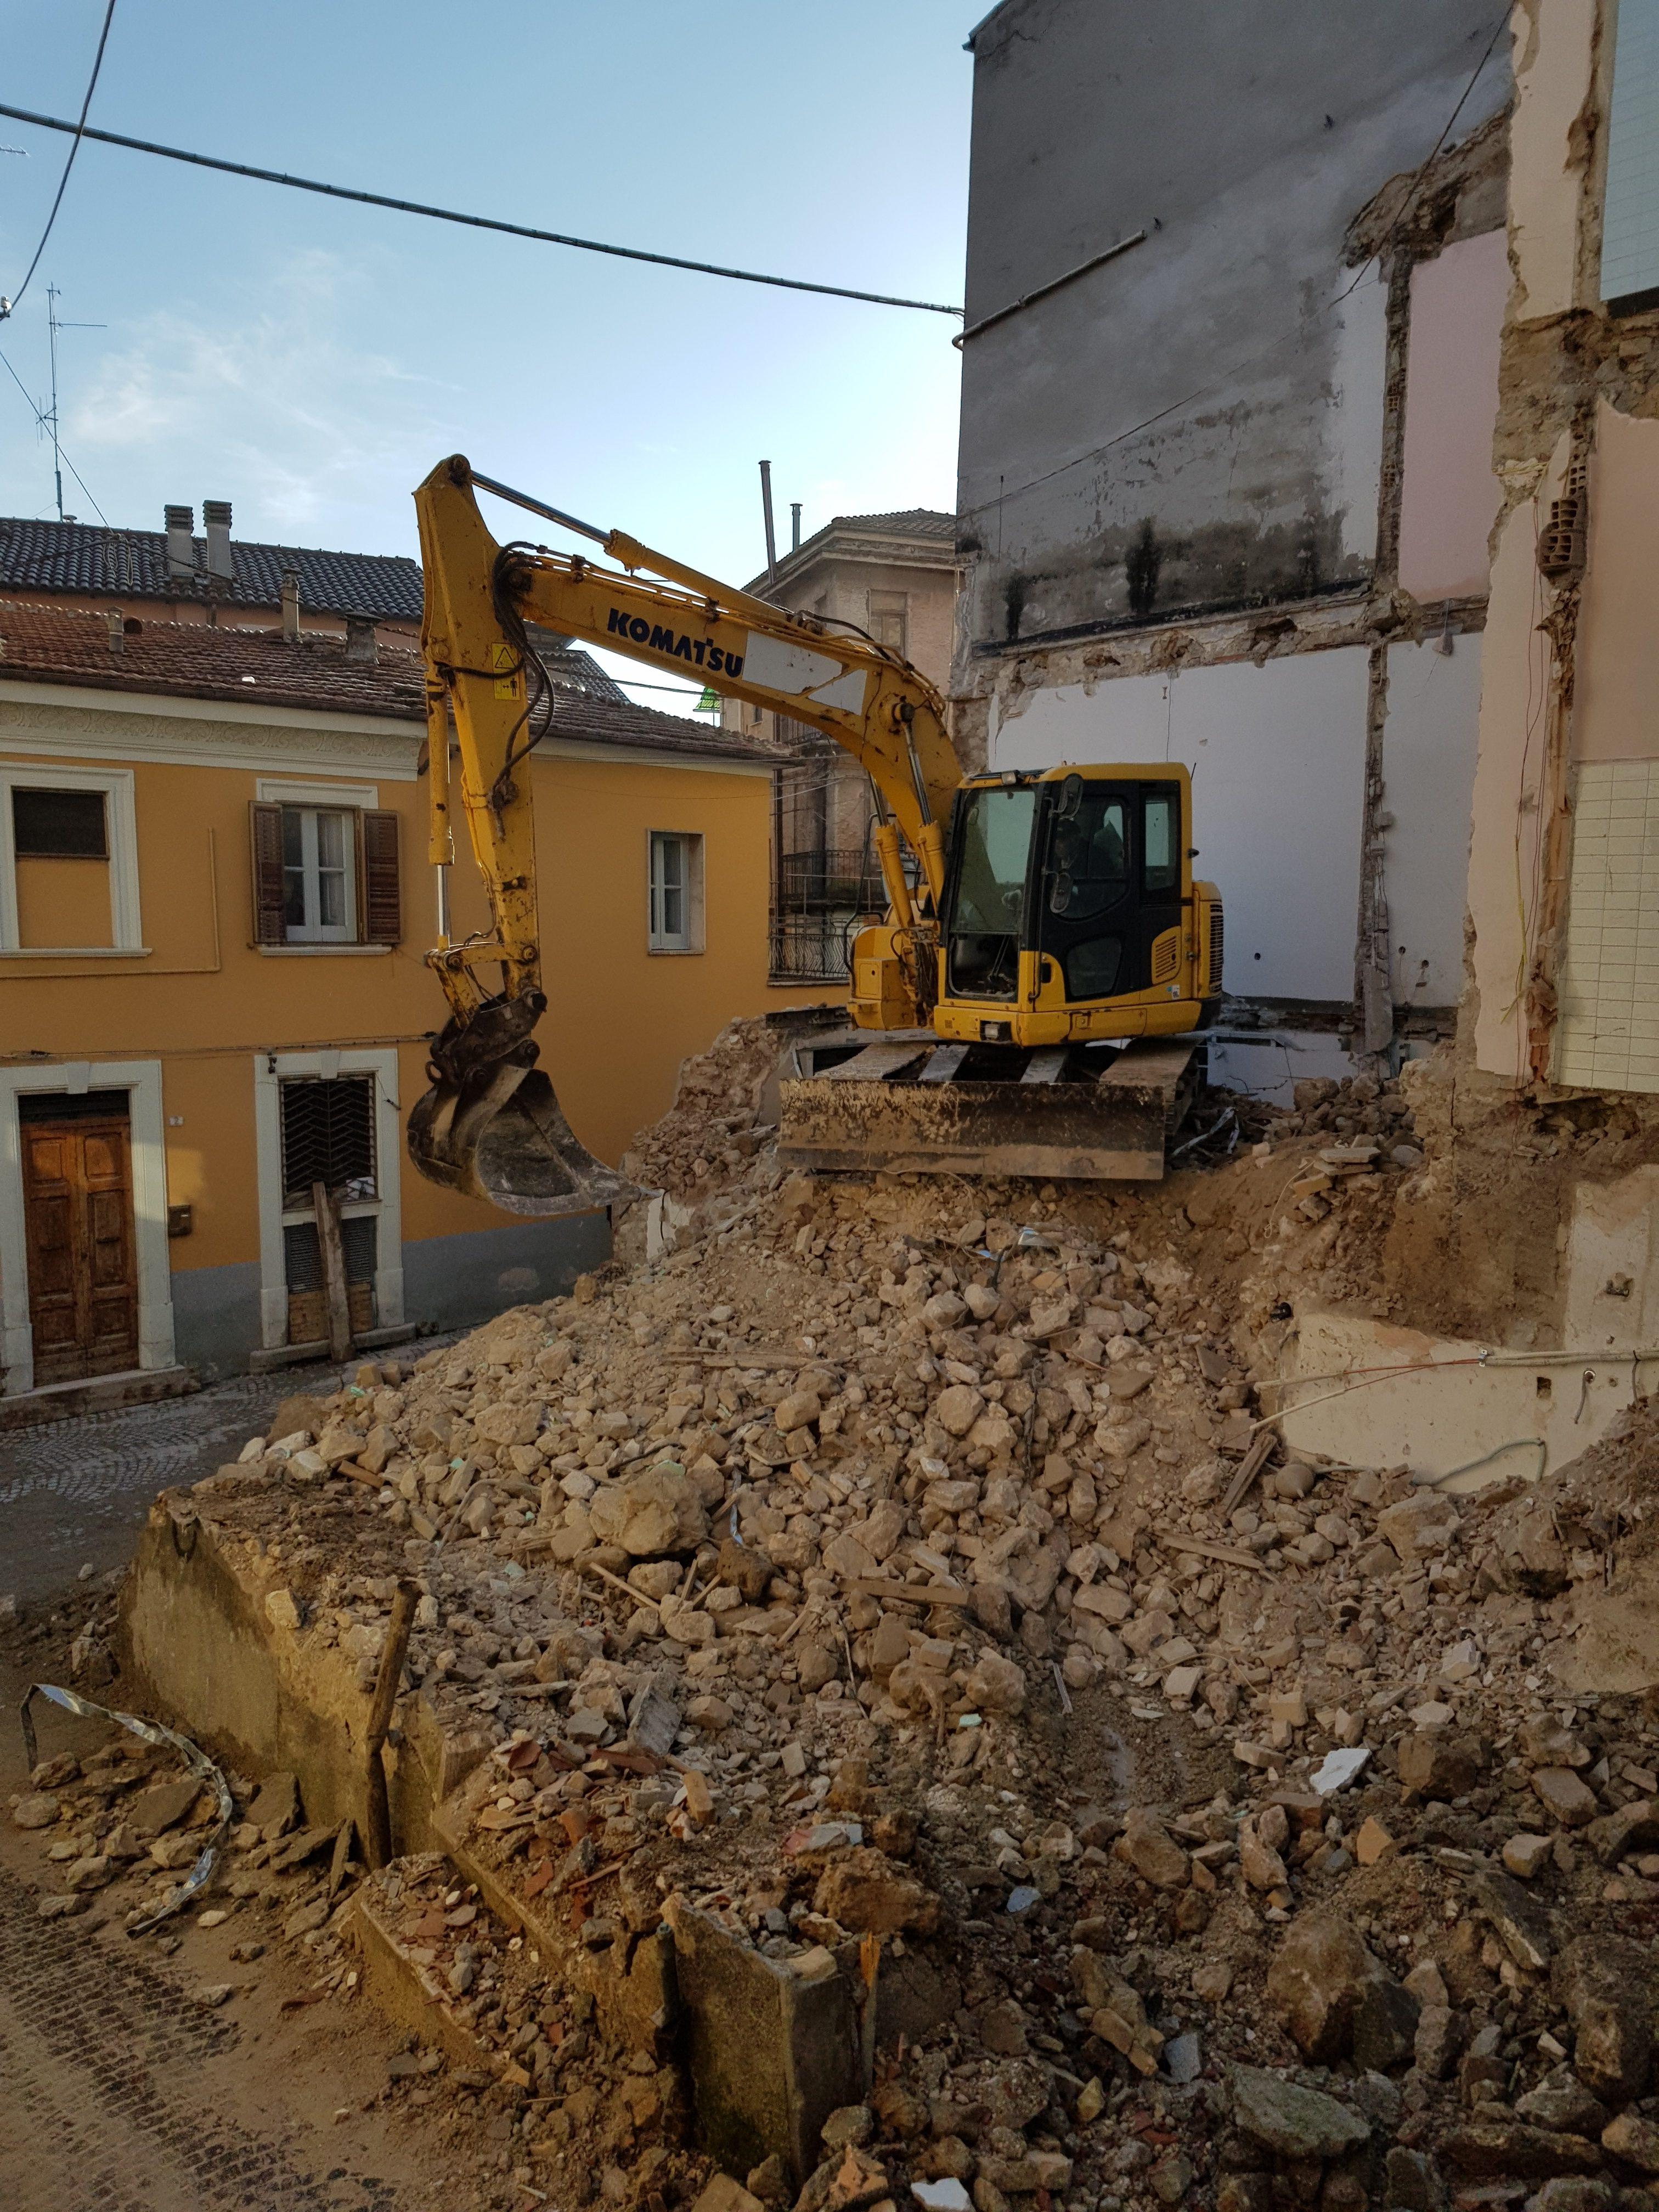 demolizione, costruzione, demolizione e costruzione, ricostruzione, adeguamento sismico, abruzzo, l'aquila, pratola peligna, infotecnica, studio infotecnica